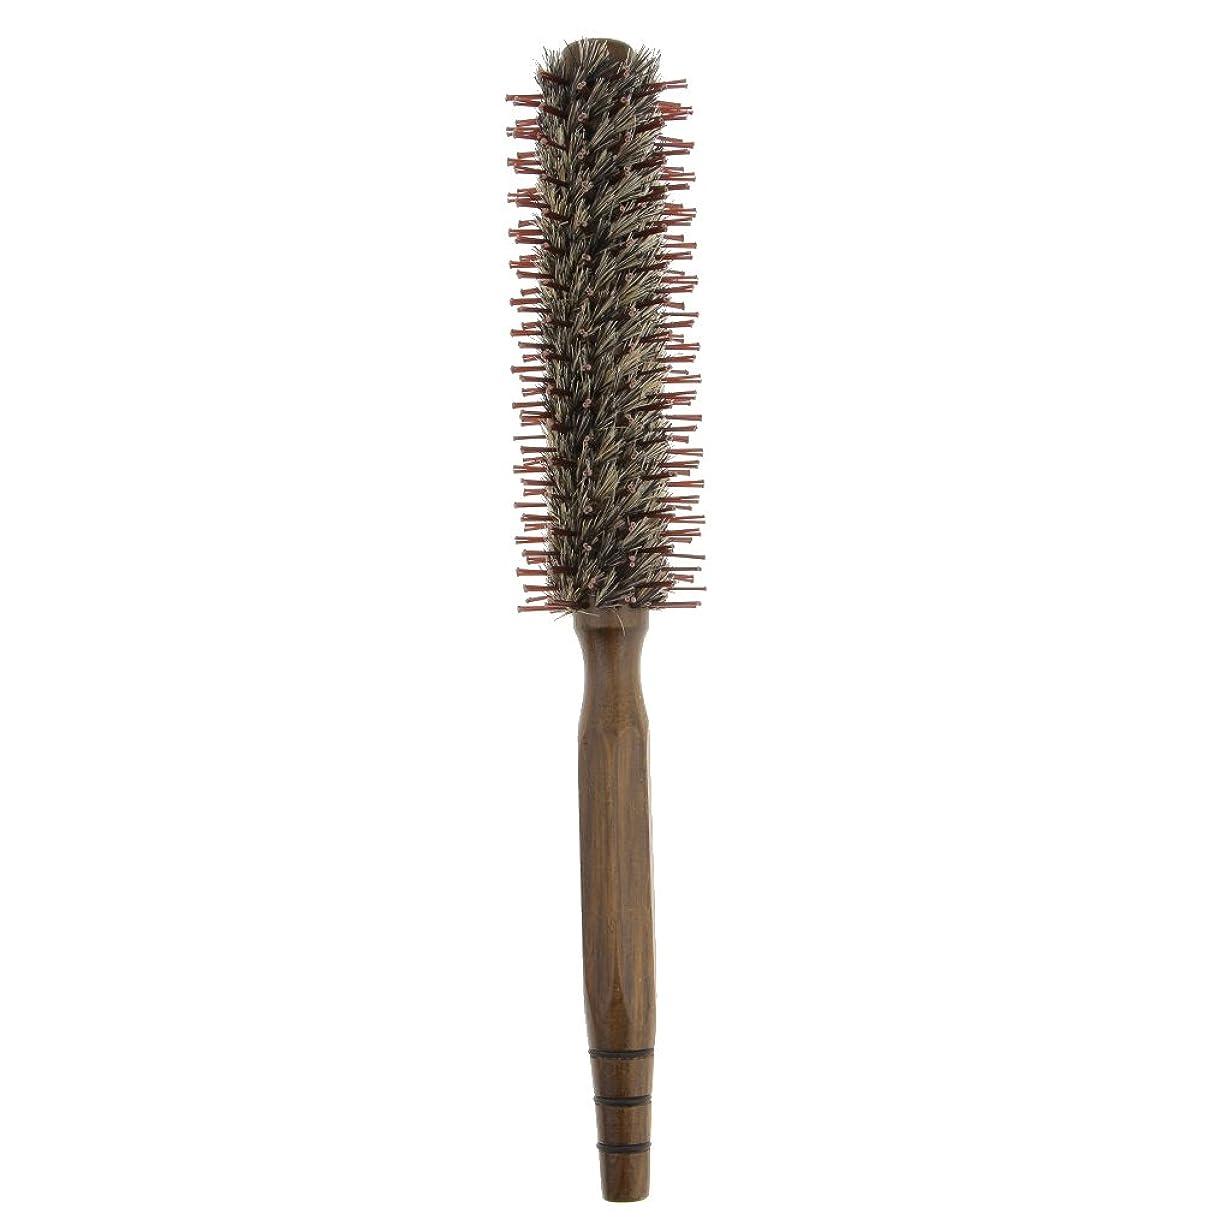 出費弓弾丸Baosity ロールブラシ ヘアコーム 木製櫛 くし ヘアスタイリング 高品質 3サイズ - S